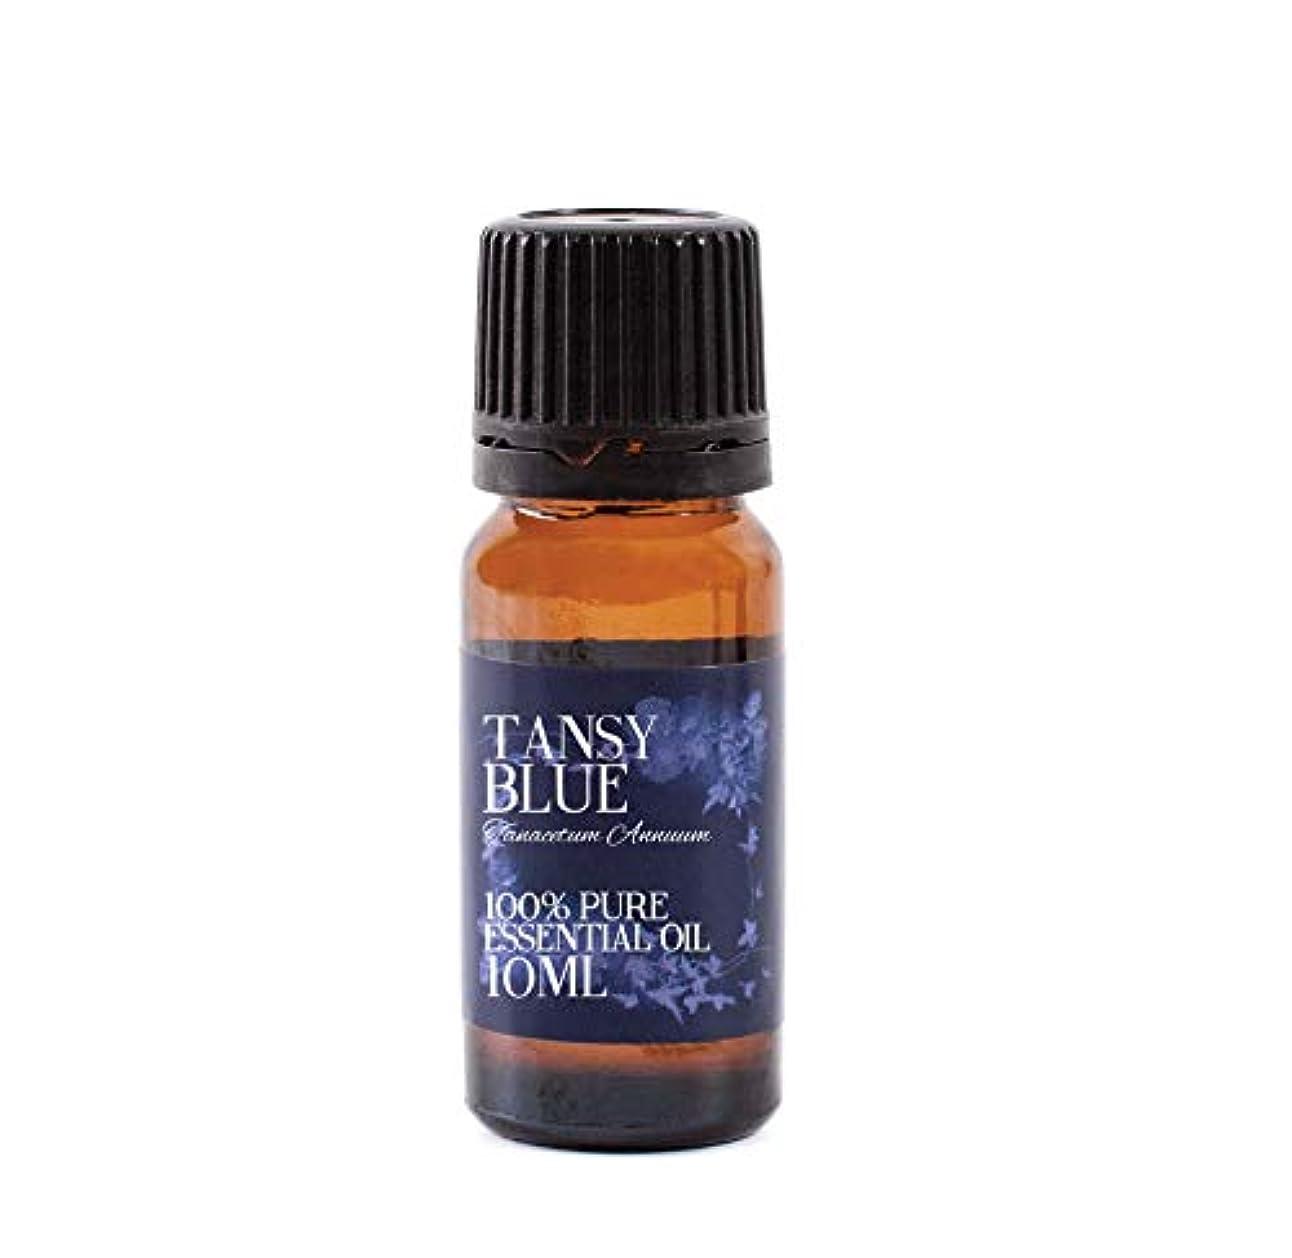 Tansy Blue Essential Oil - 10ml - 100% Pure